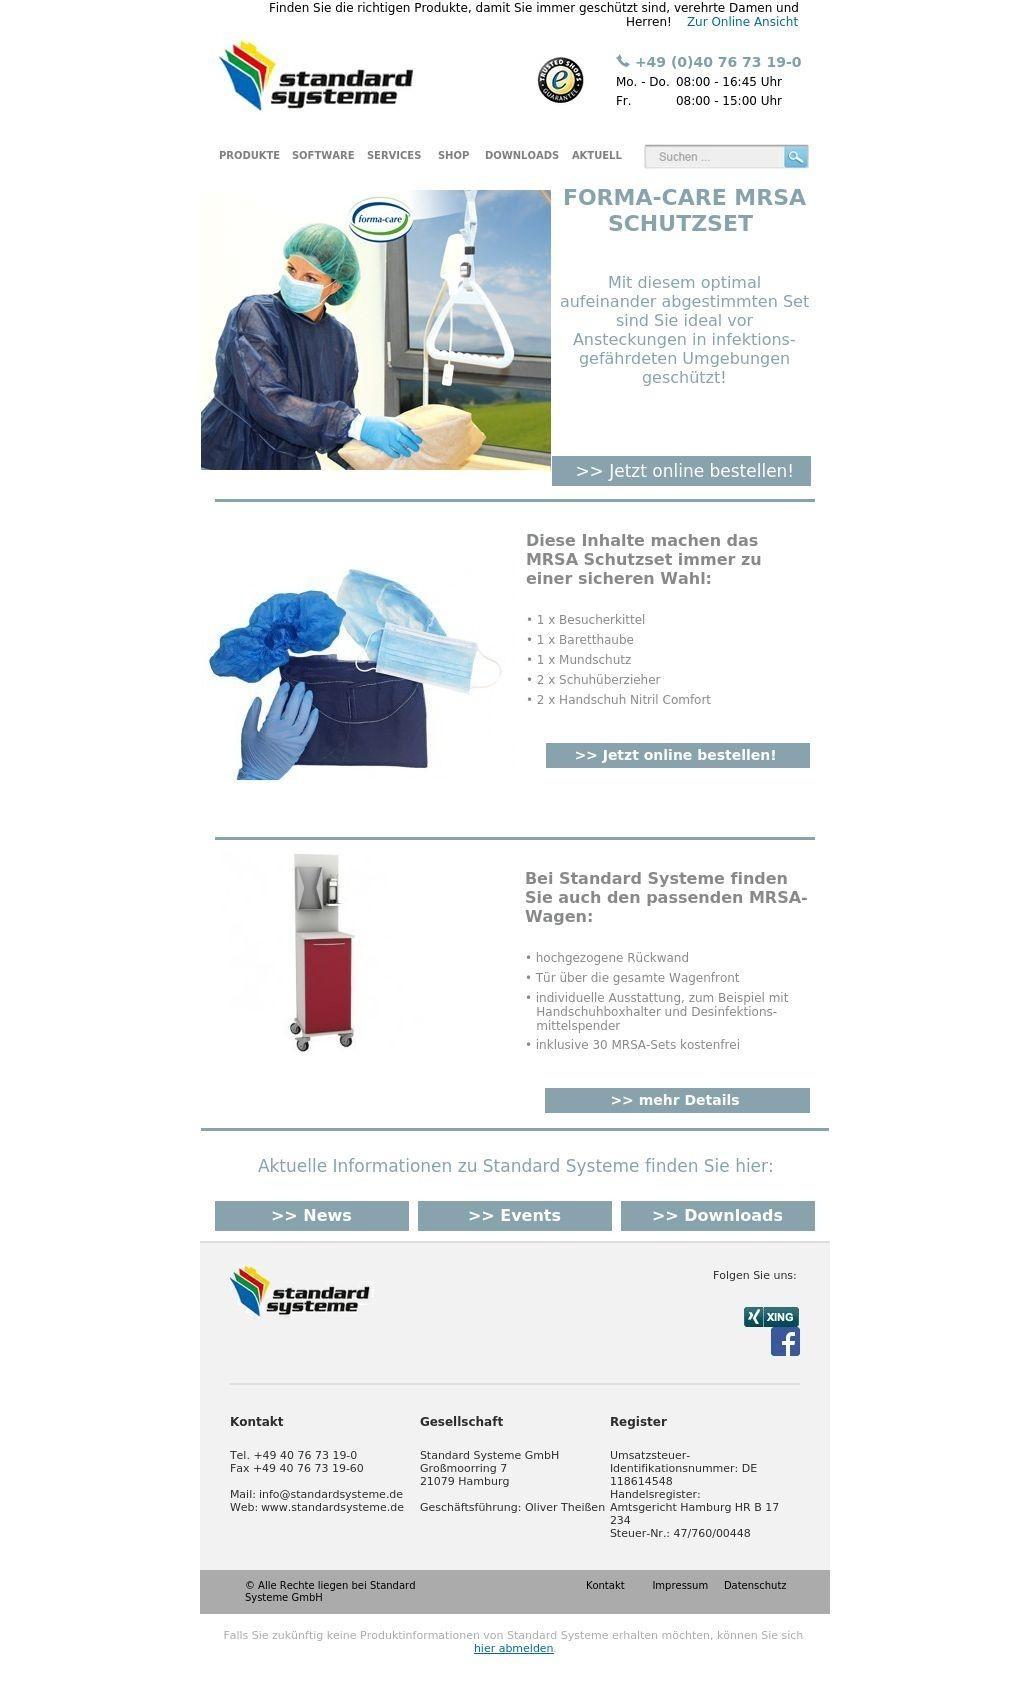 Altenheim - Produkt-News 08/18